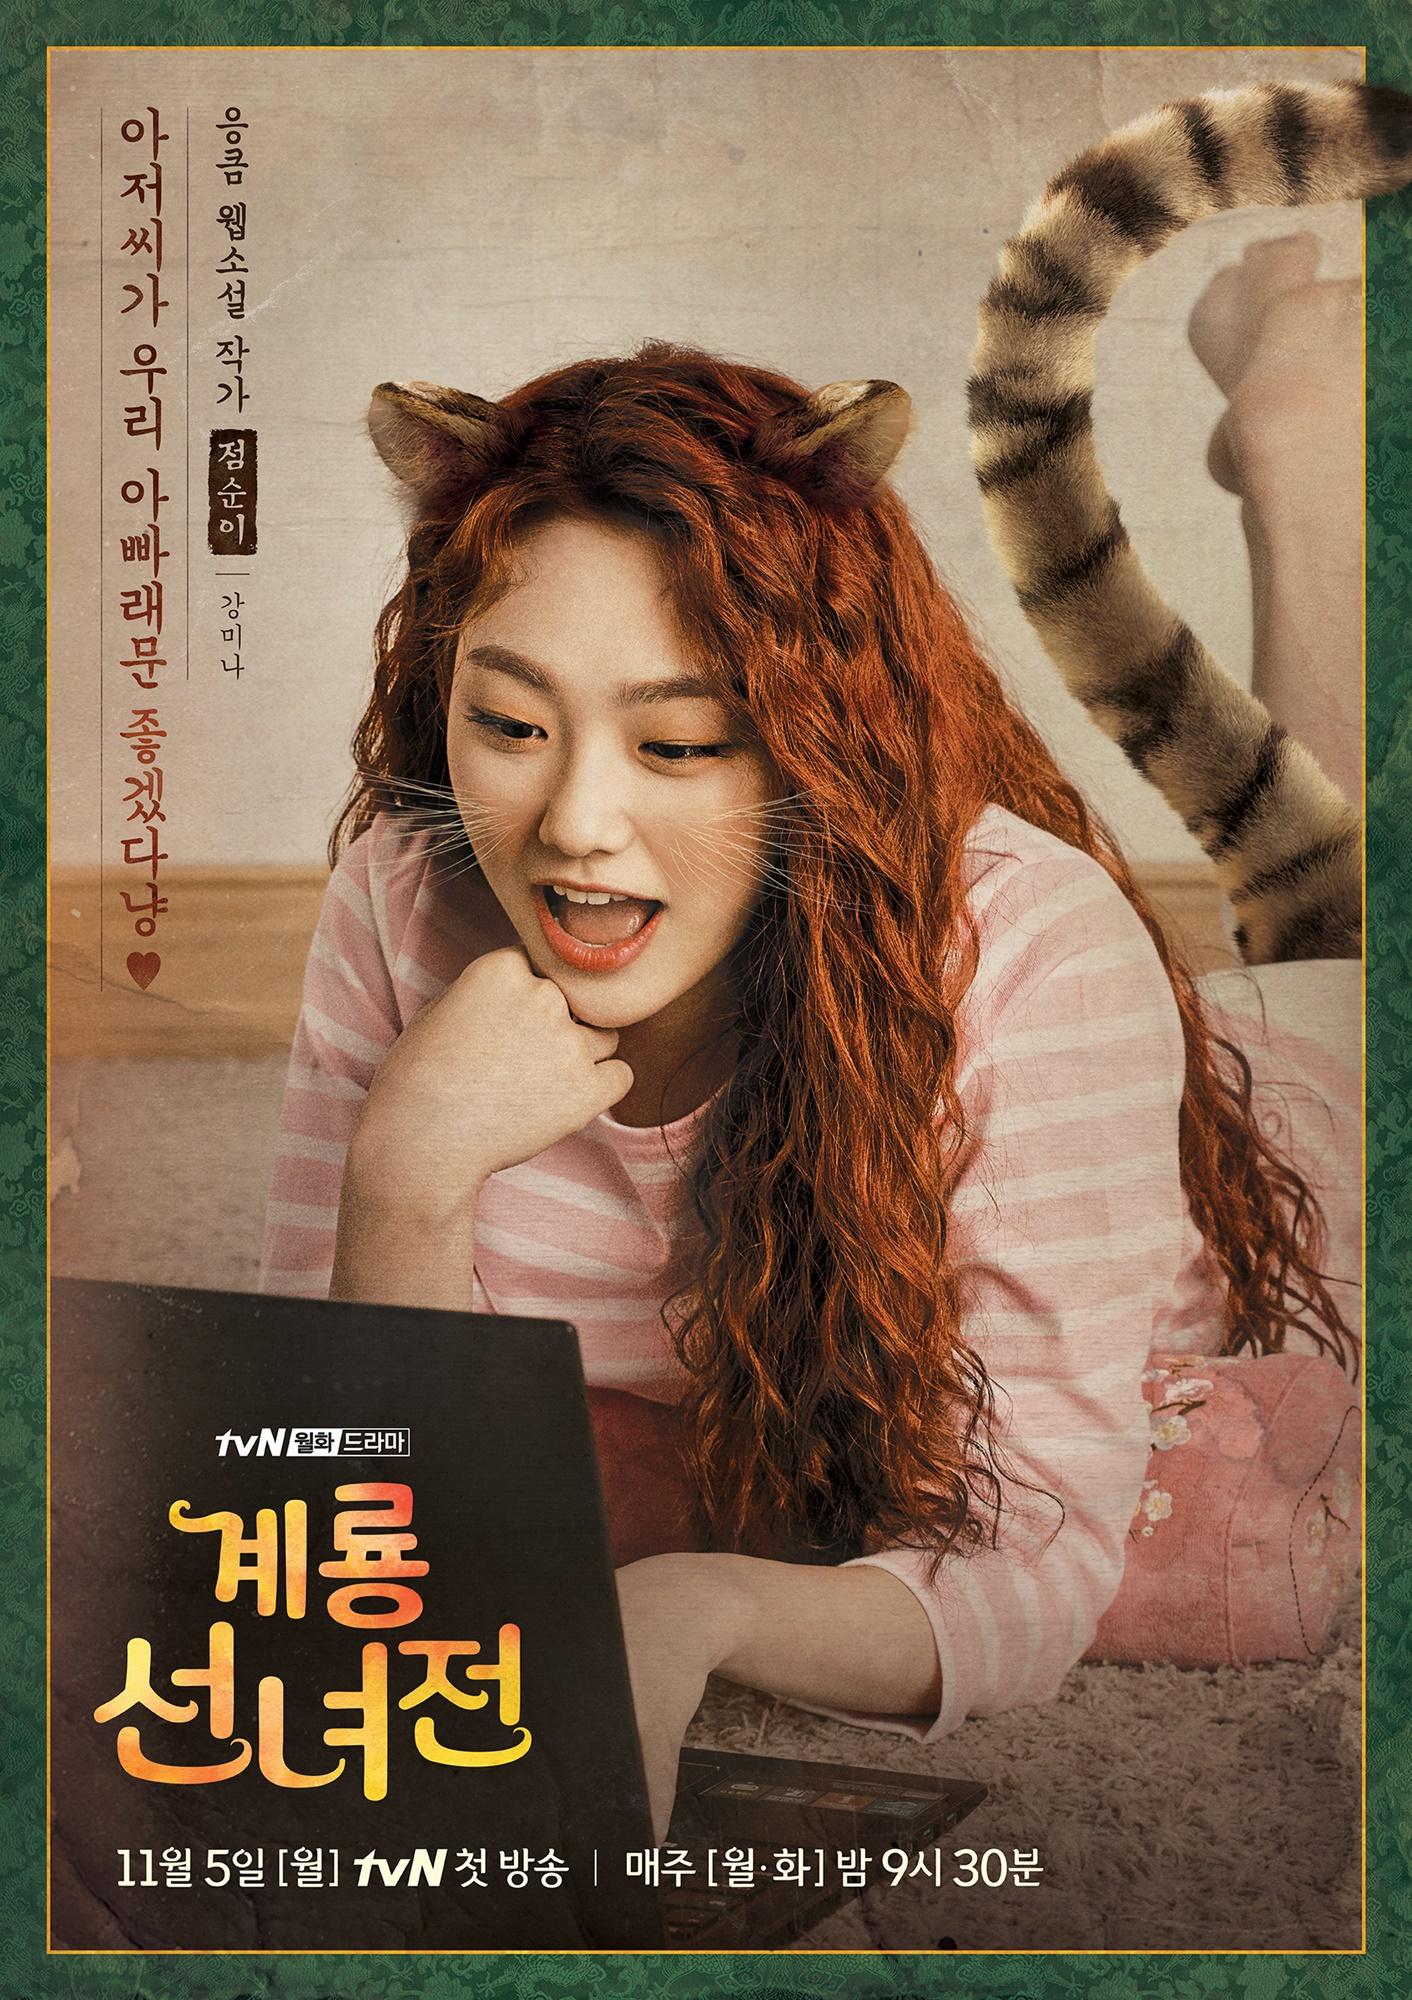 181015 - (6) tvN [계룡선녀전] 캐릭터 포스터로 먼저 만나는 계룡선녀전!.jpg